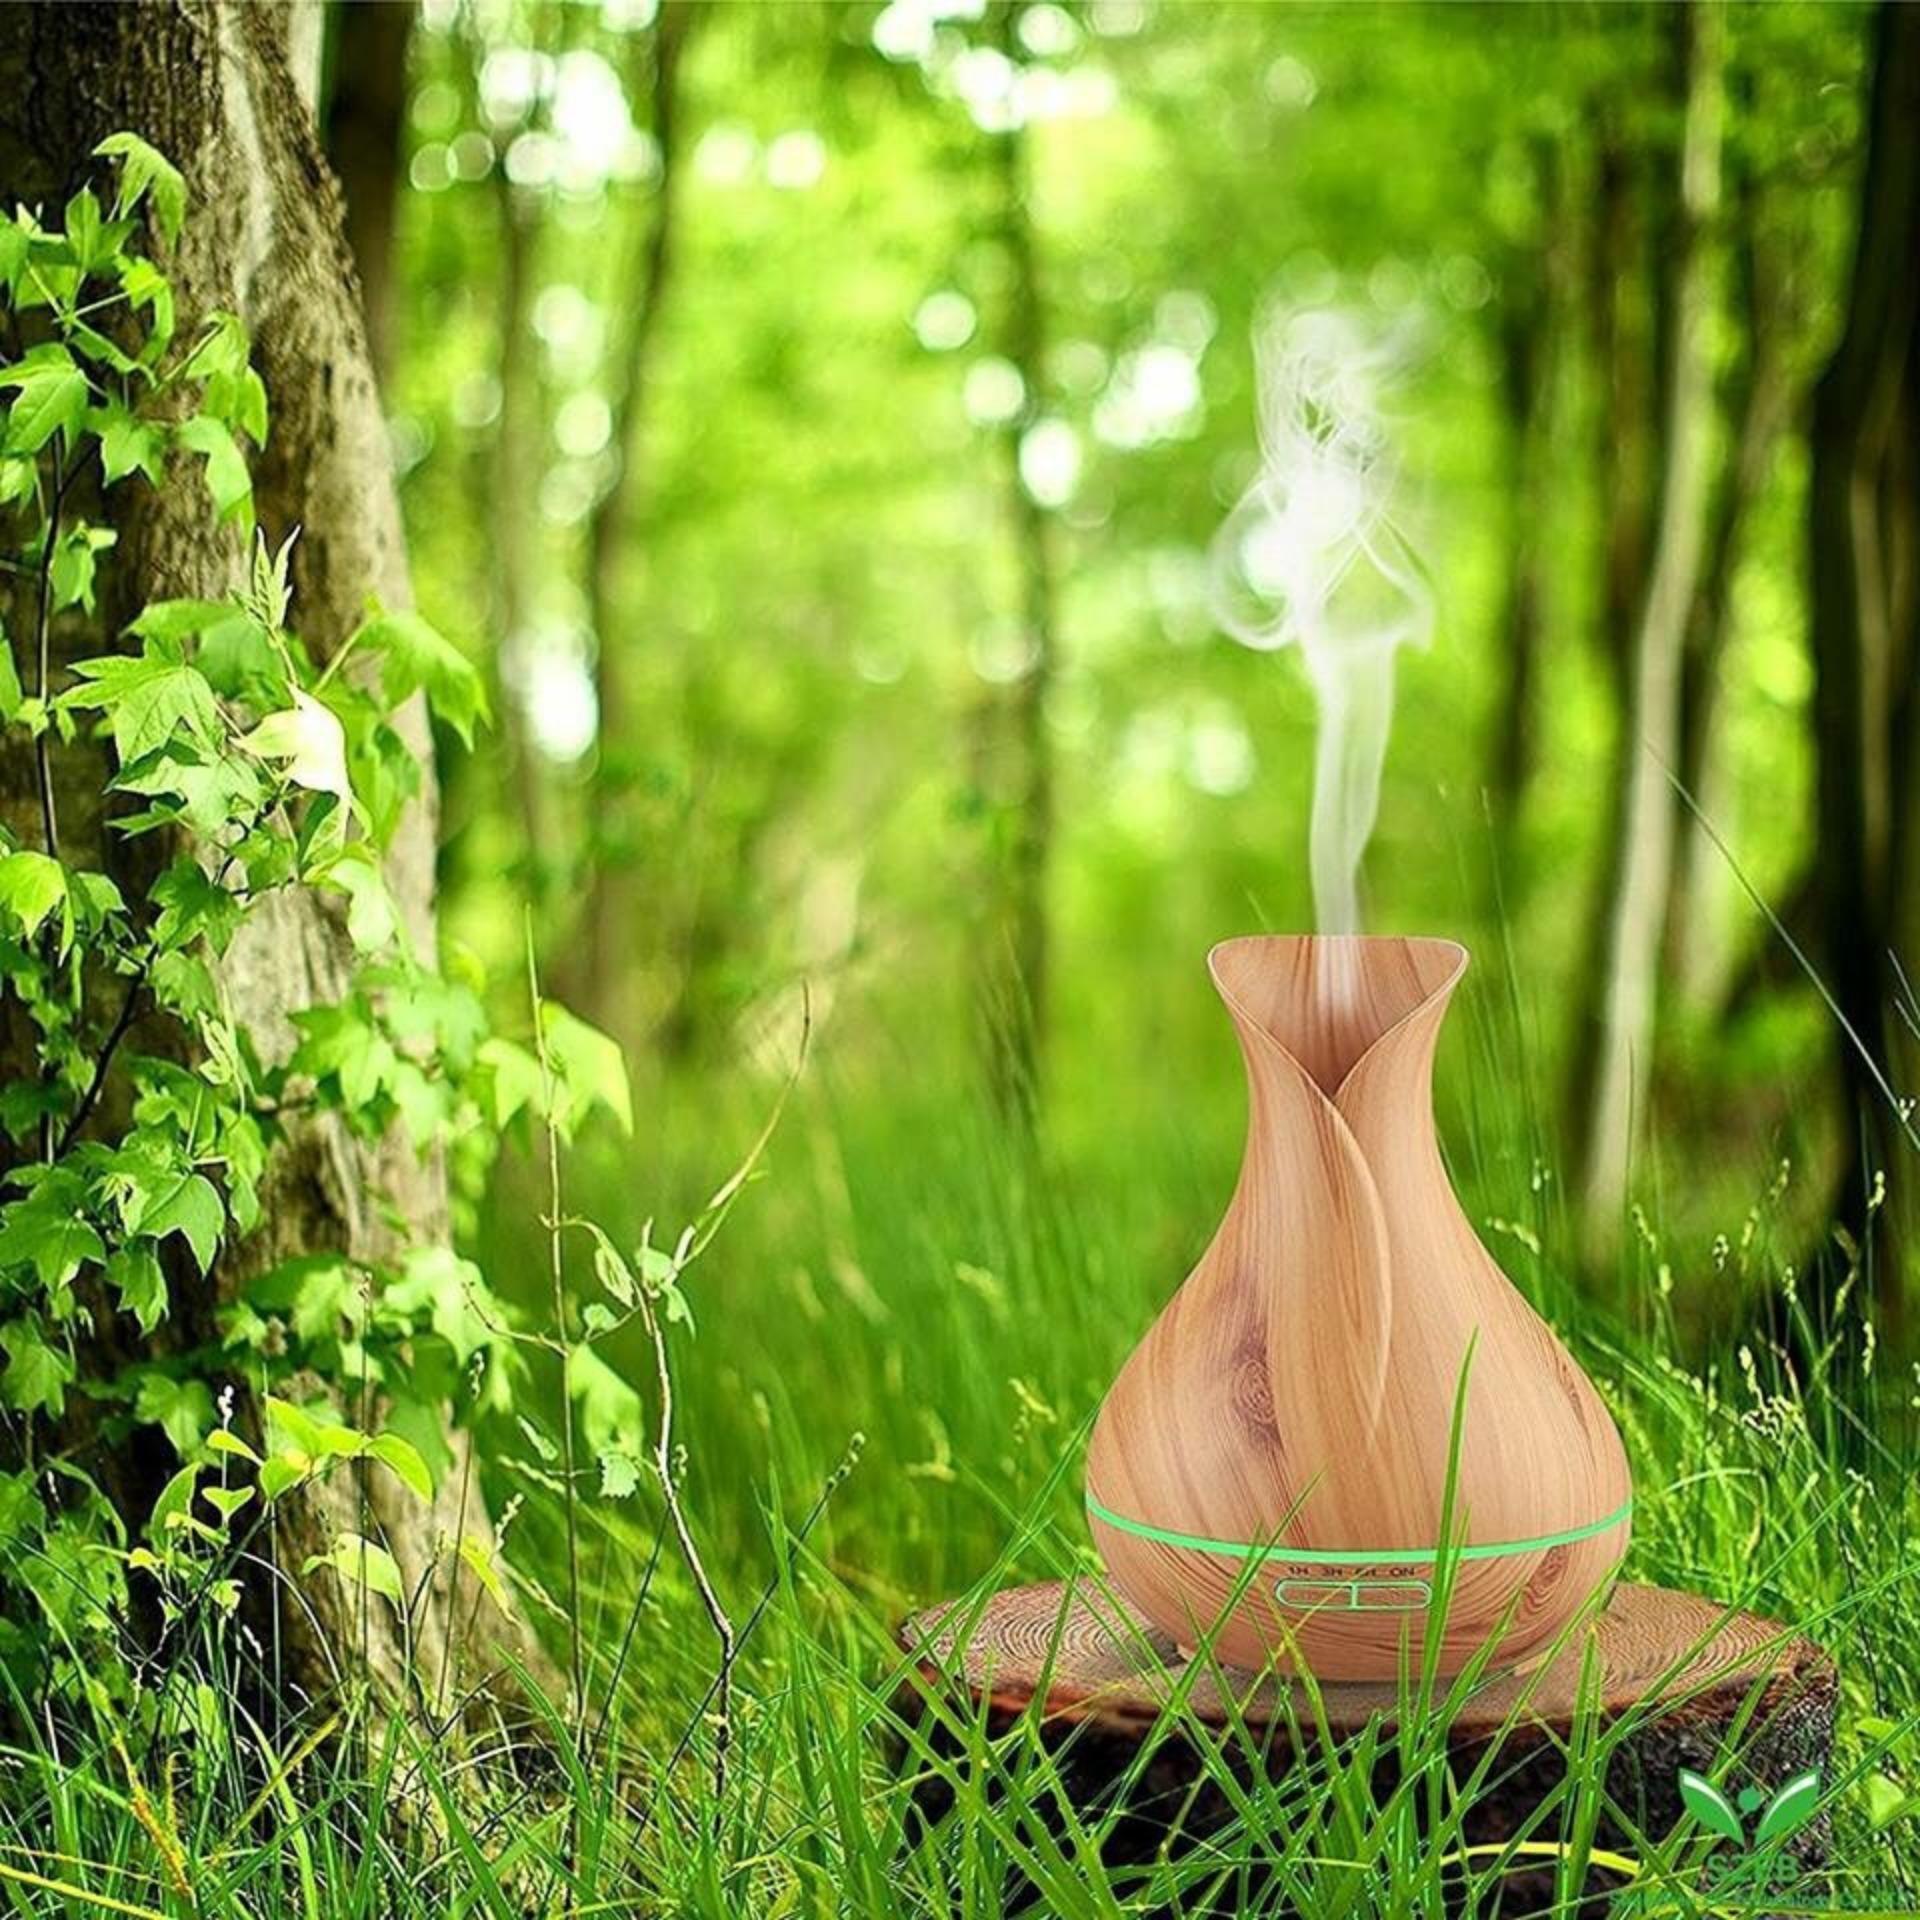 Bảng giá Máy khuếch tán tinh dầu bình hoa nâu dung tích 400ml  lộc không khí, tạo ẩm tặng 10ml tinh dầu ngọc lan tây Ngọc Tuyết